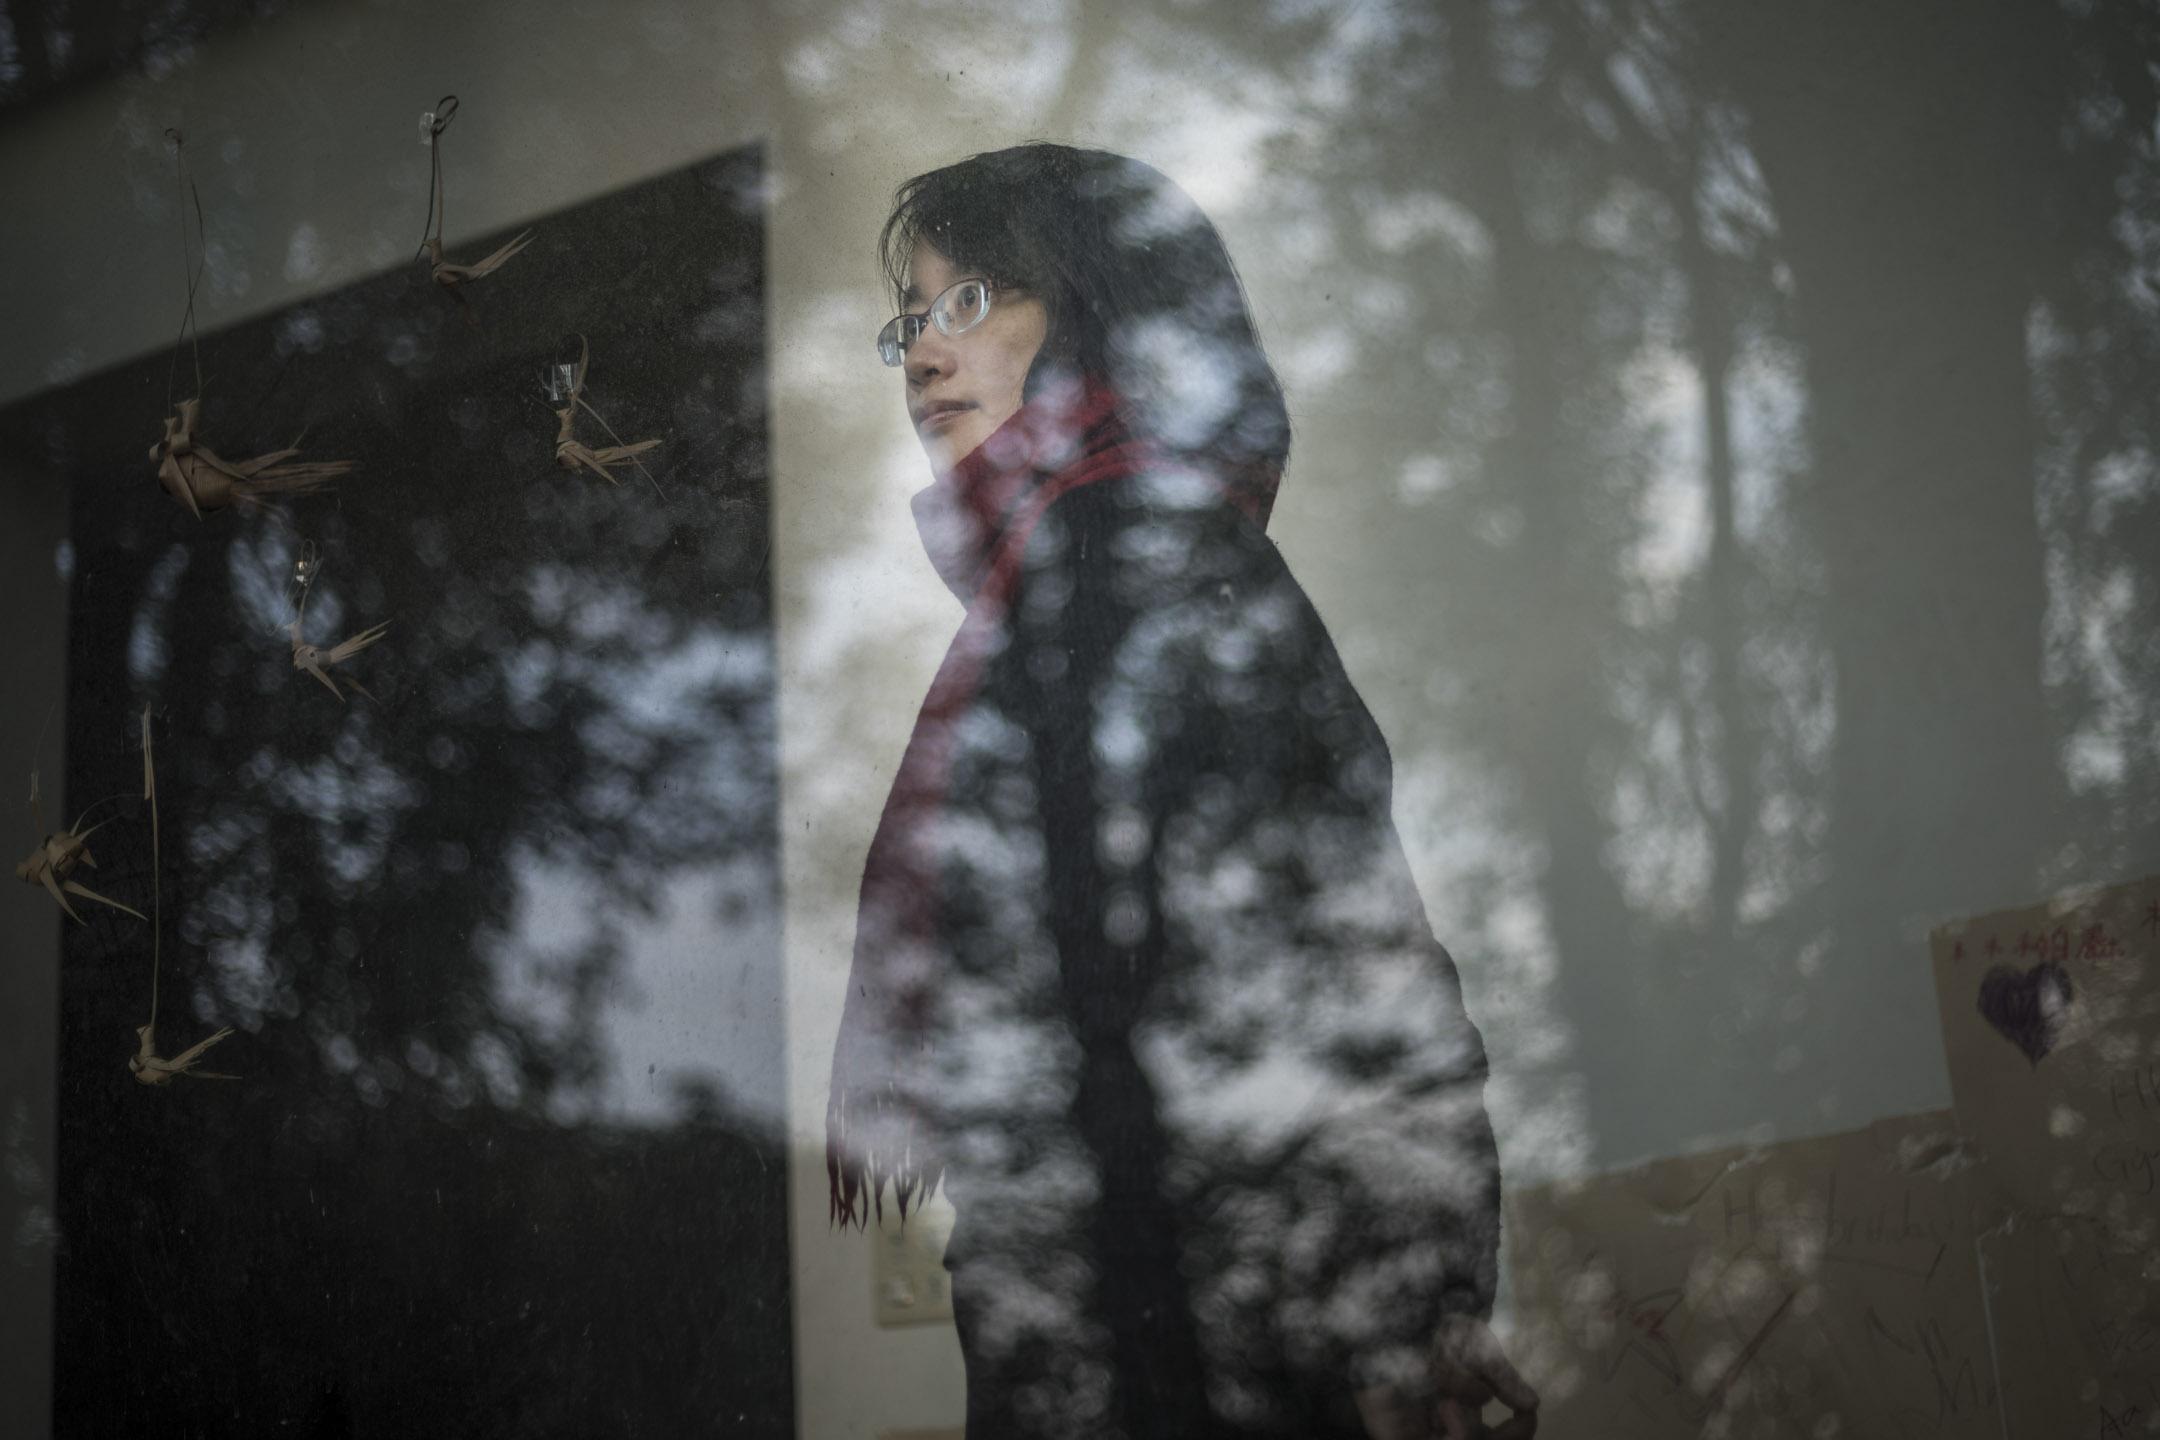 前北農總經理吳音寧於去年台灣地方選舉後遭到撤換,留下「我不能向謊言低頭」的臨別感言,返鄉至今。 攝:陳焯煇/端傳媒